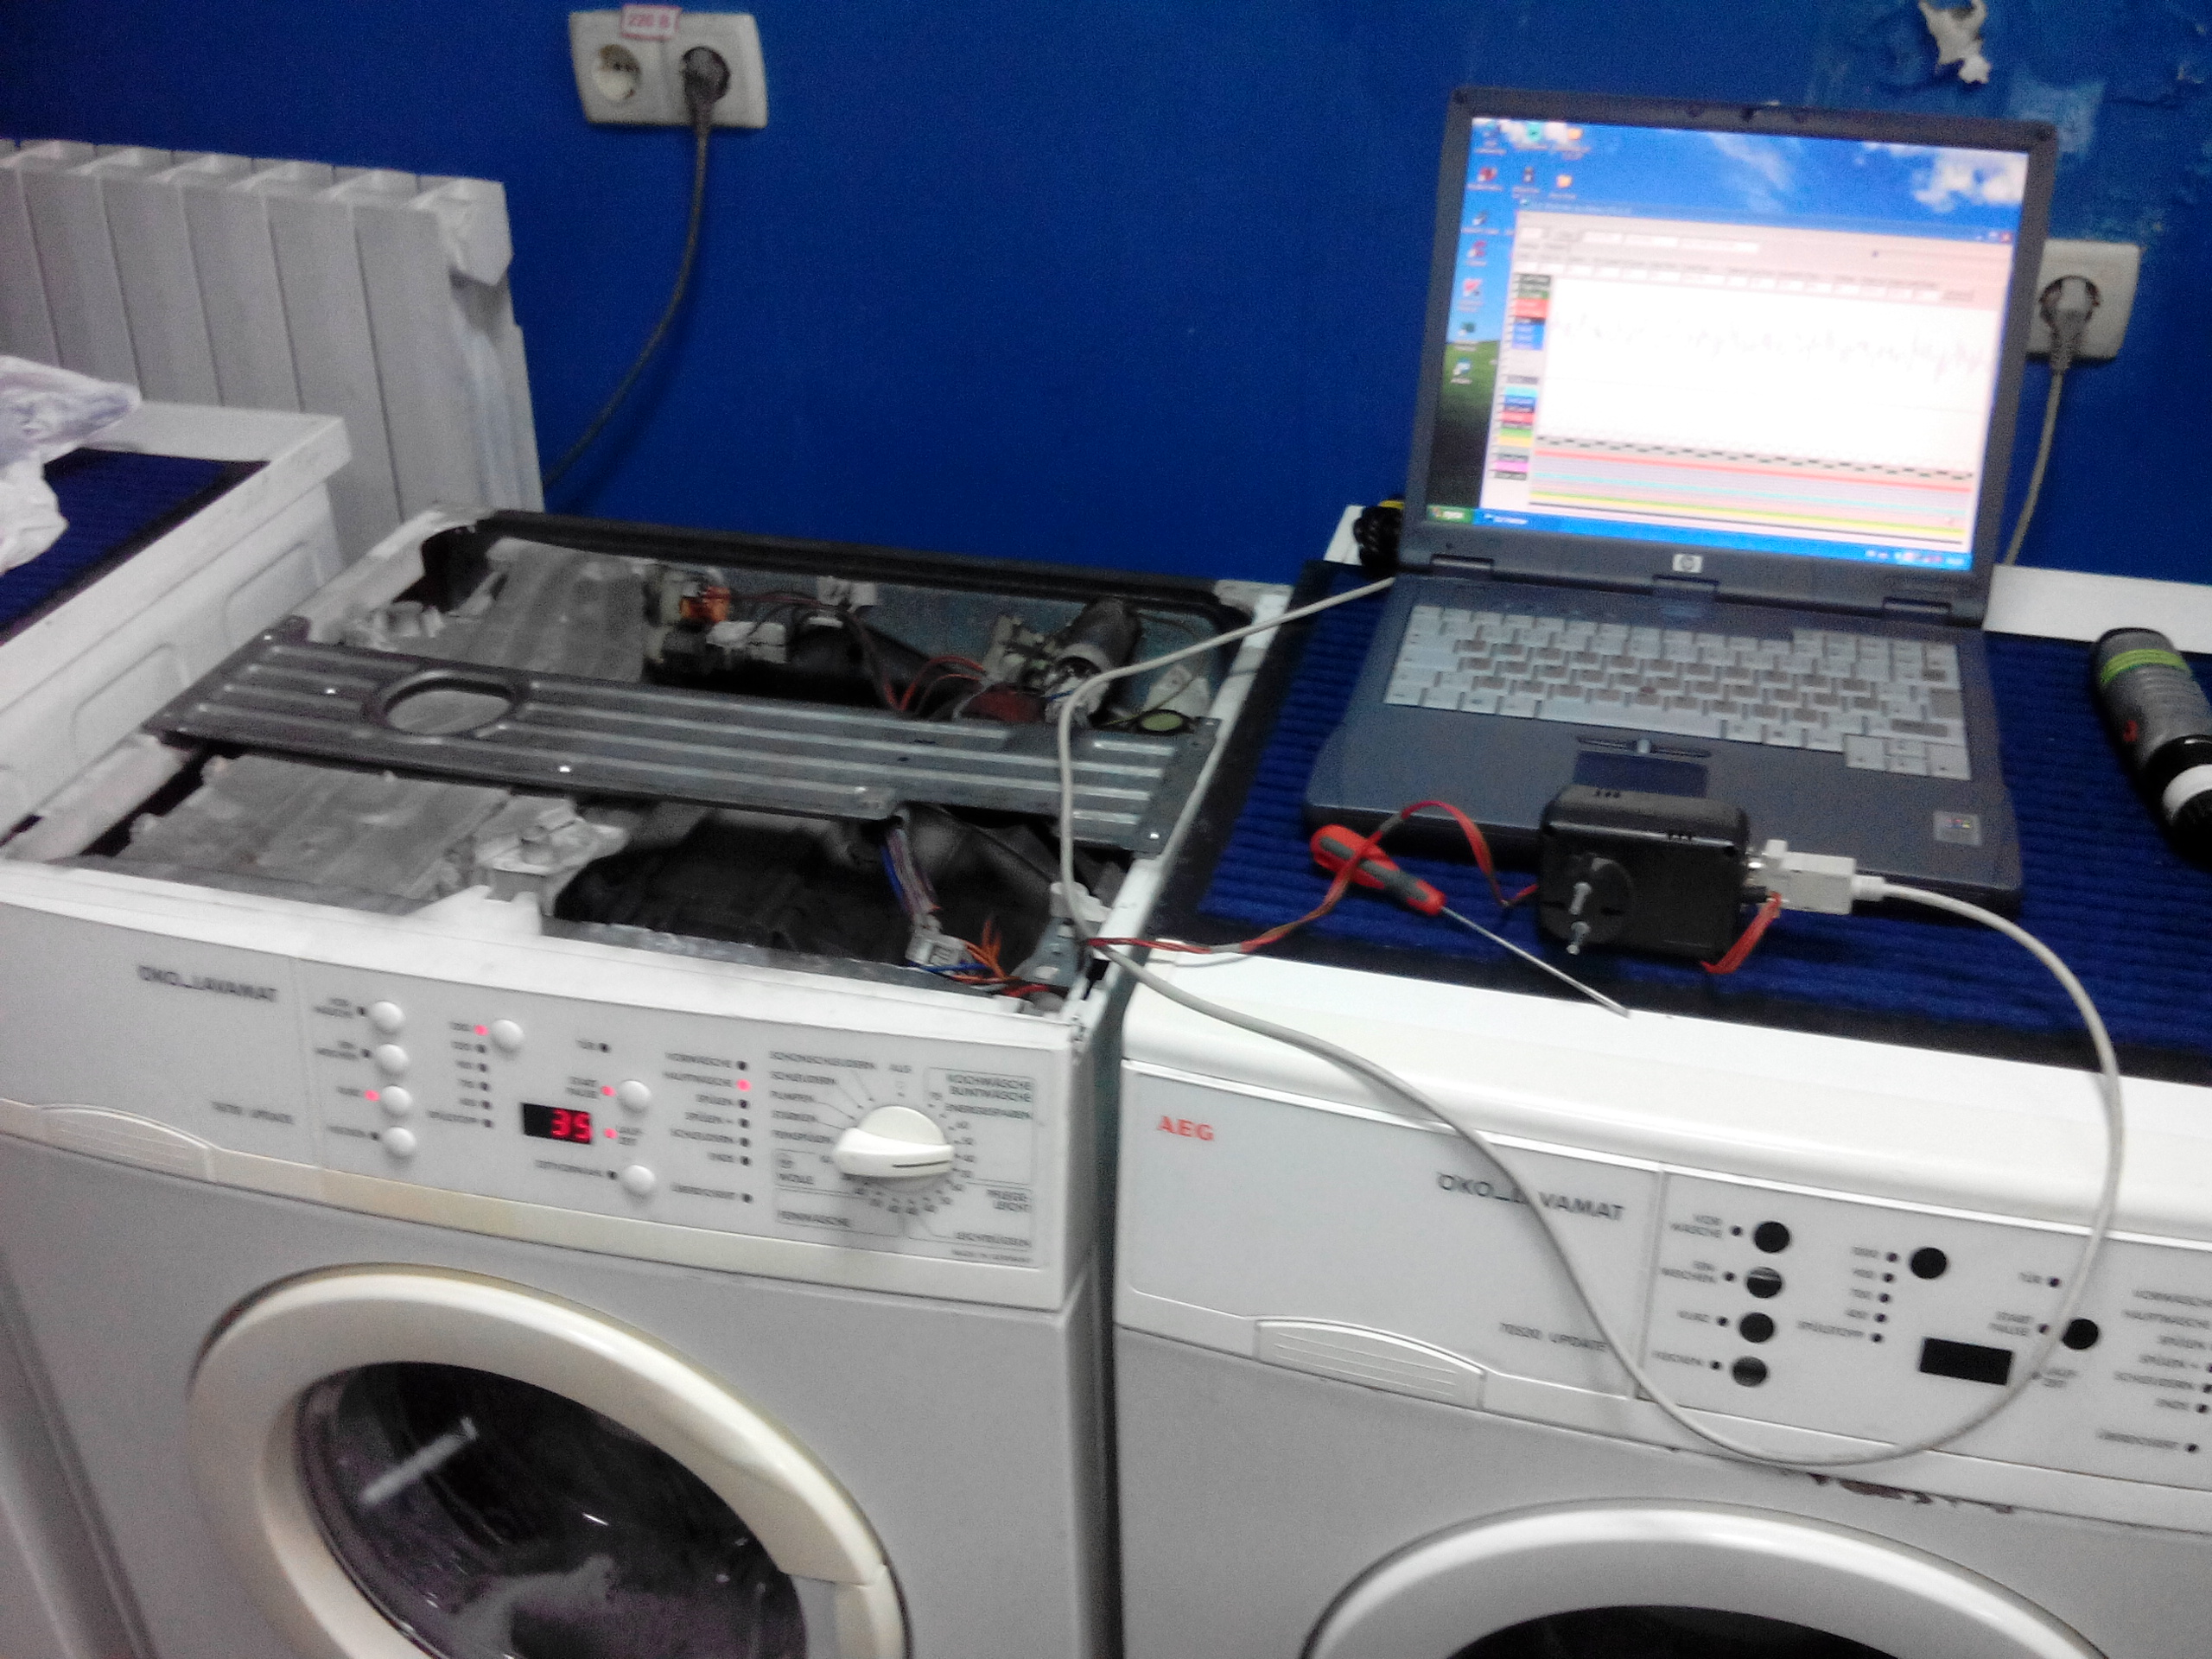 Фото Ремонт стиральных машин с гарантией до 6 месяцев на дому у заказчика.  3